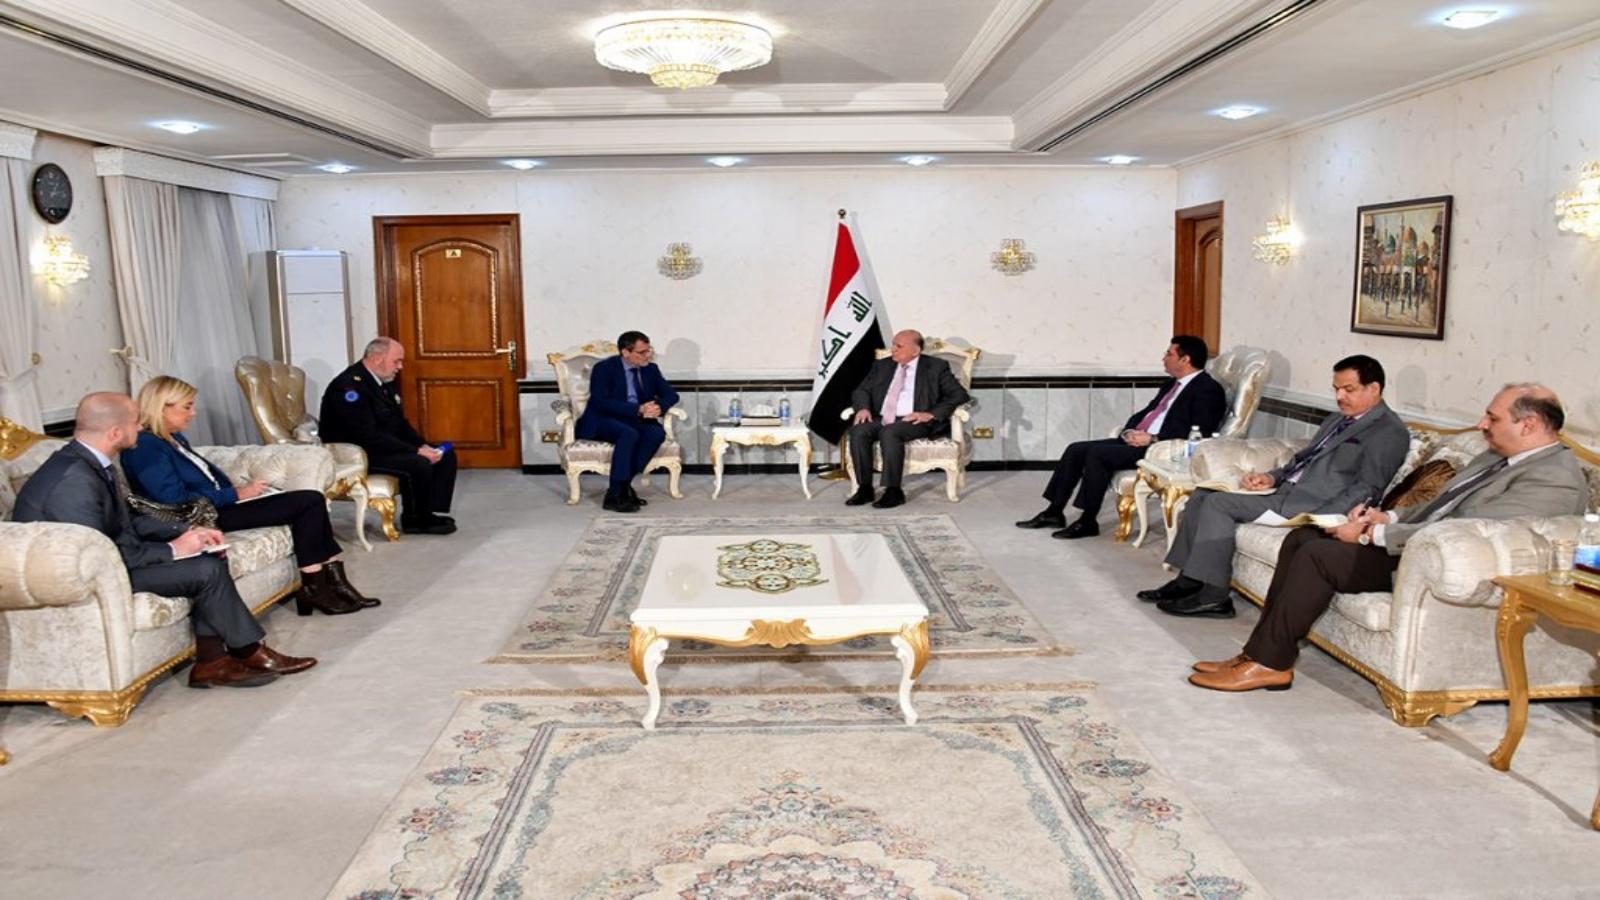 وزير الخارجية العراقي مجتمعا مع سفير الاتحاد الاوروبي في بغداد